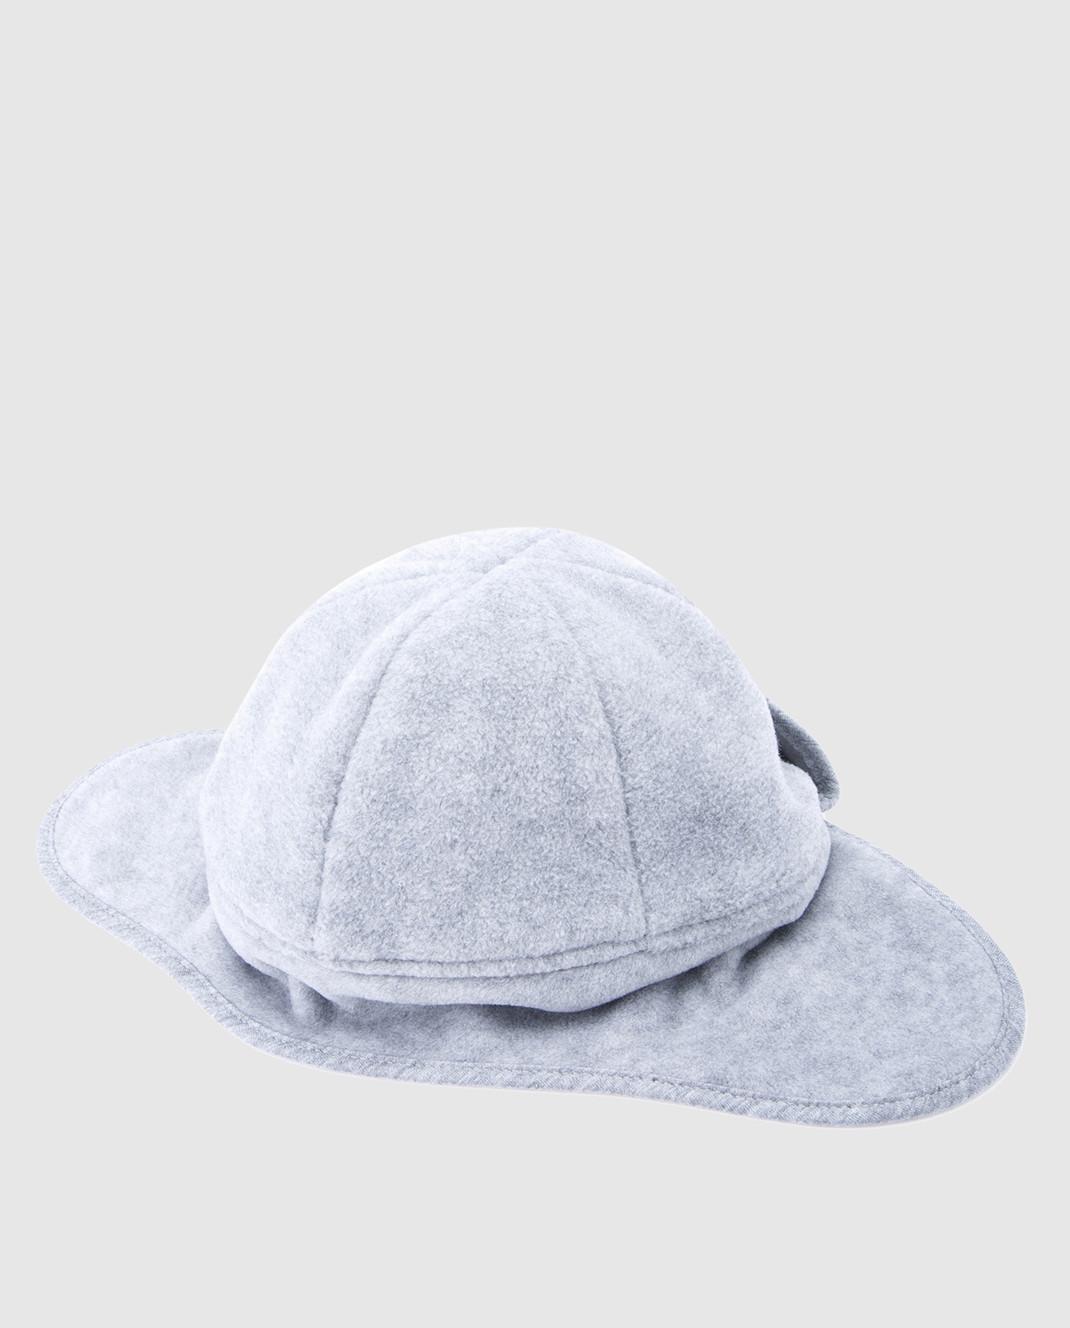 Moncler ENFANT Детская серая шапка 00623 изображение 2